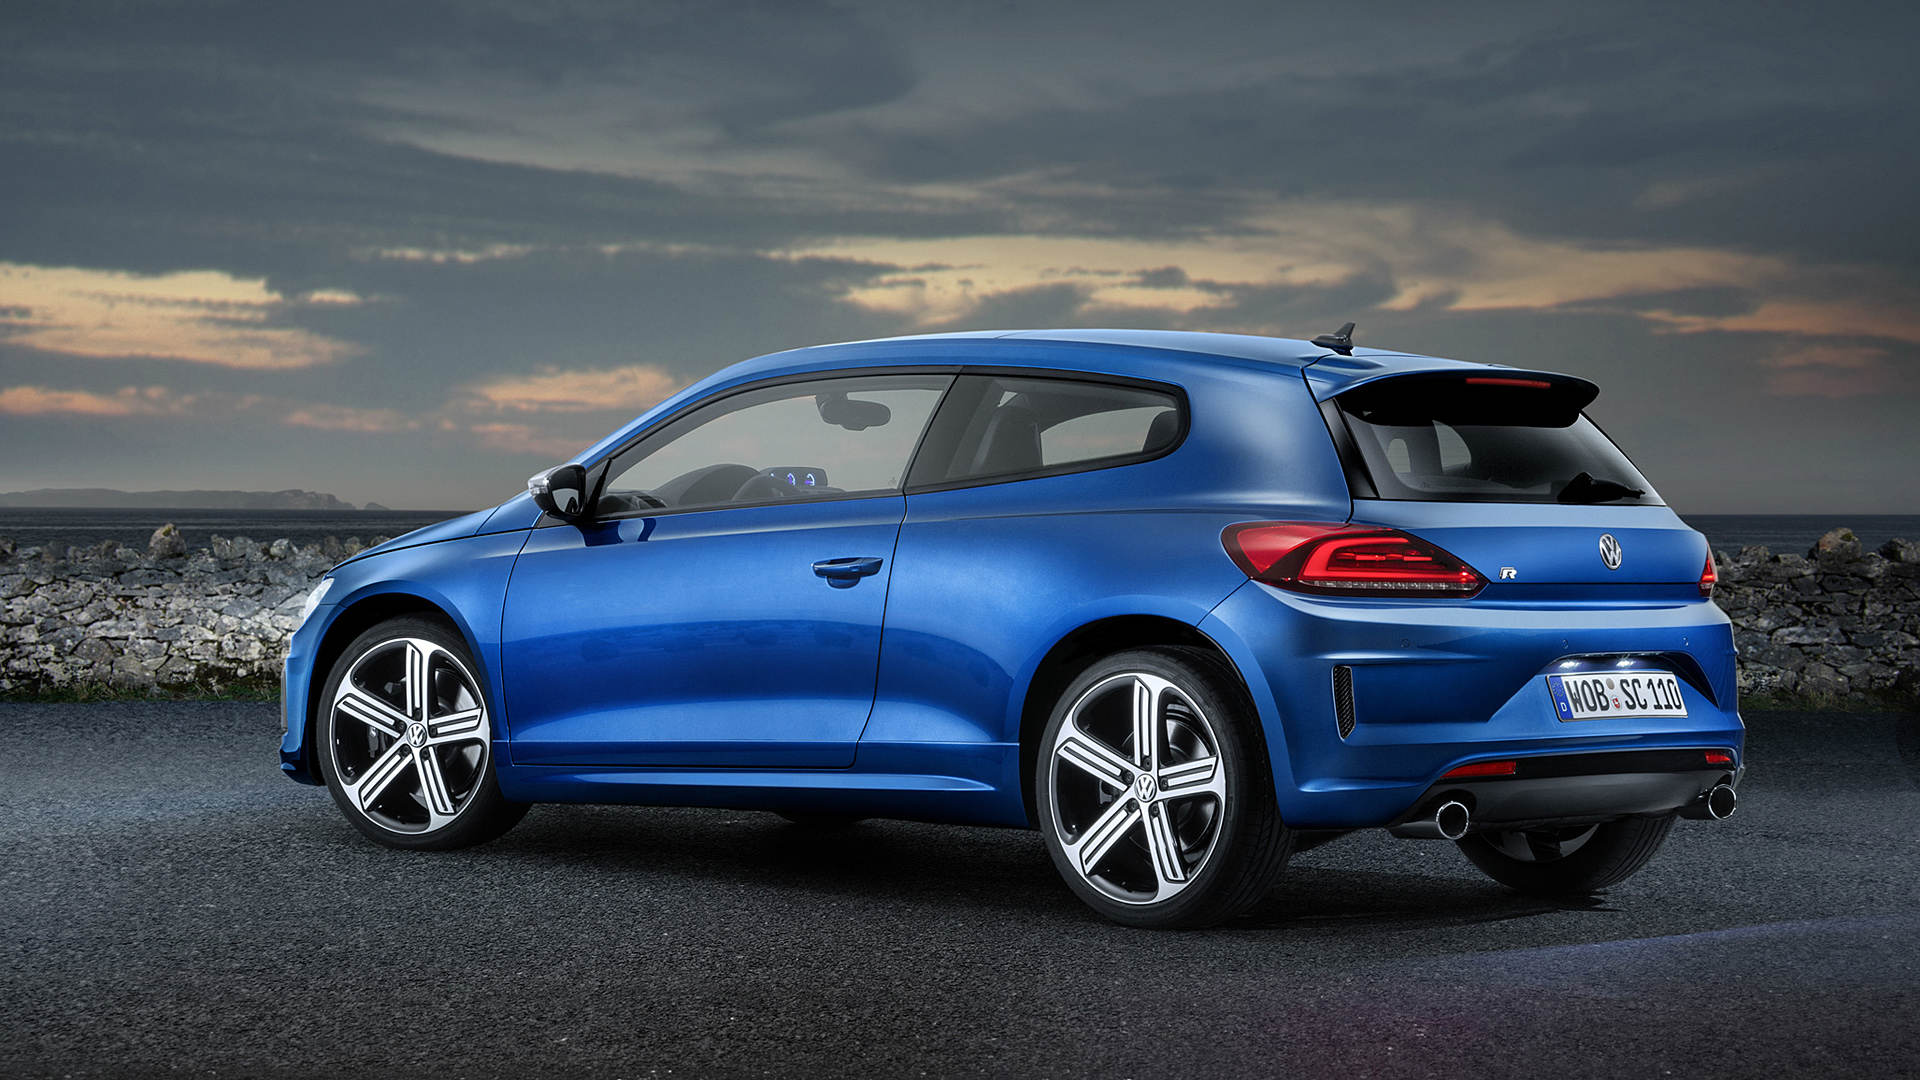 Volkswagen Cars 2015 30 Widescreen Wallpaper